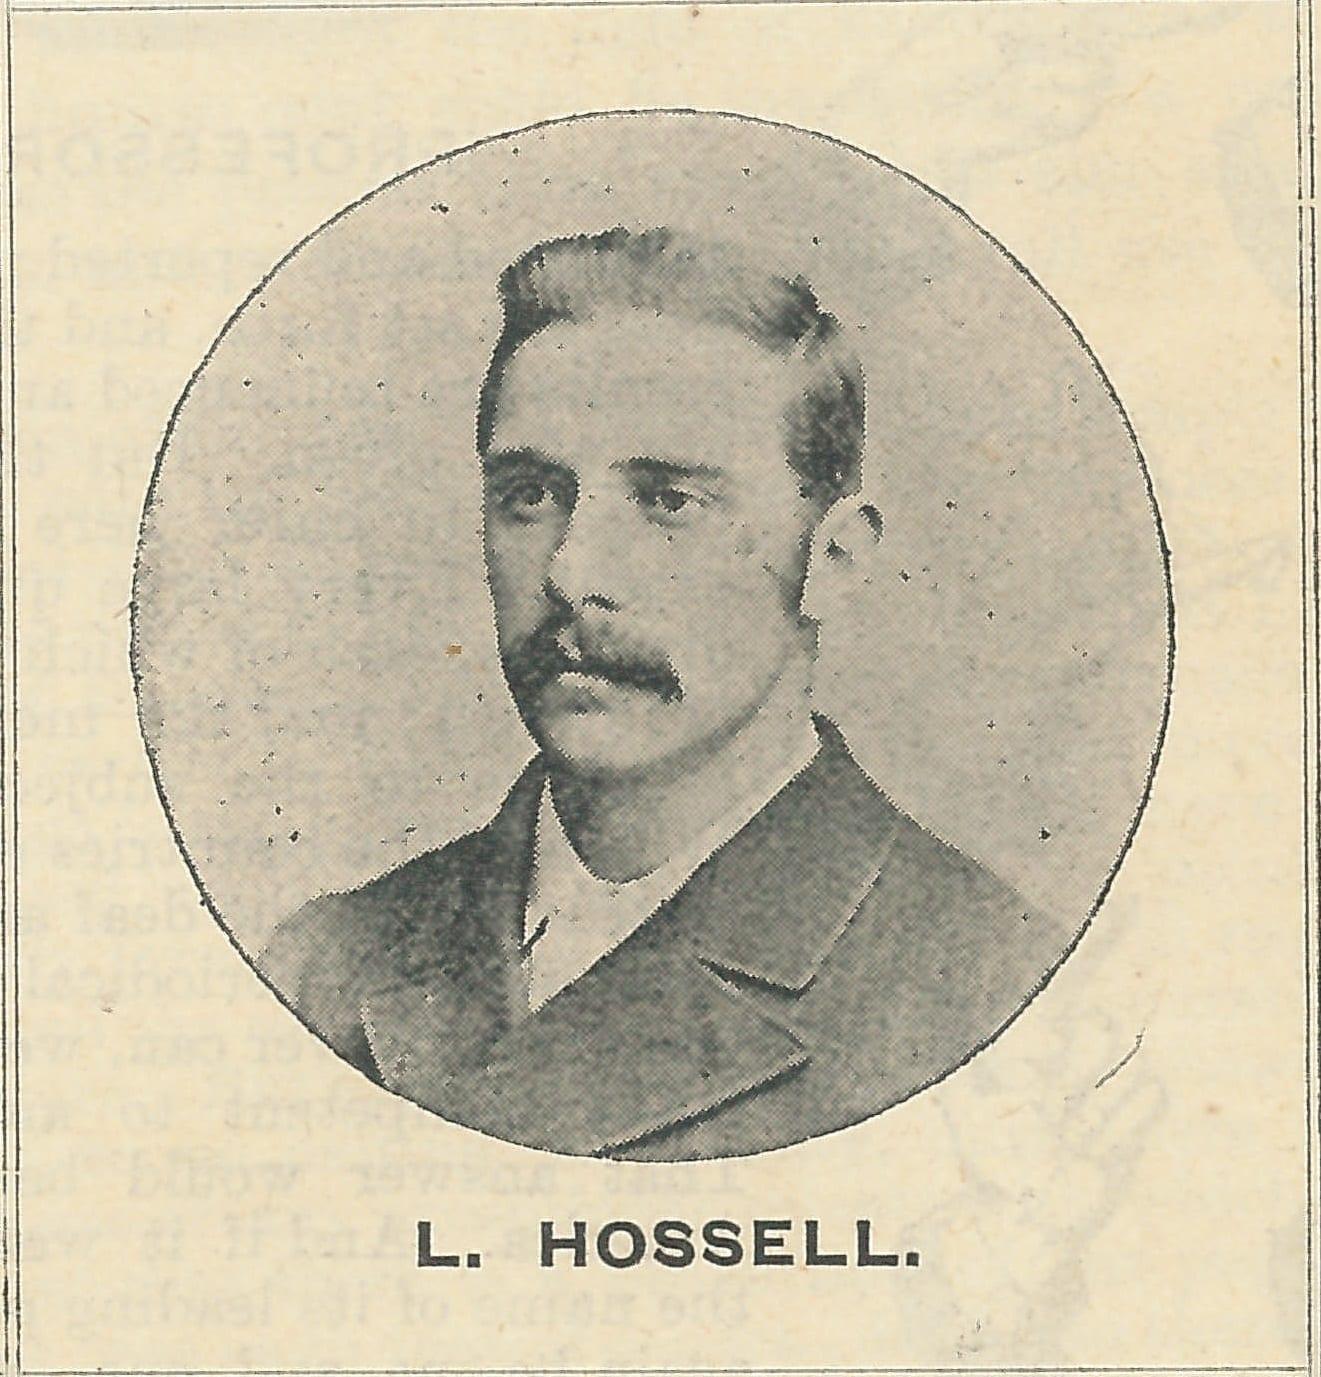 Leigh Hossell